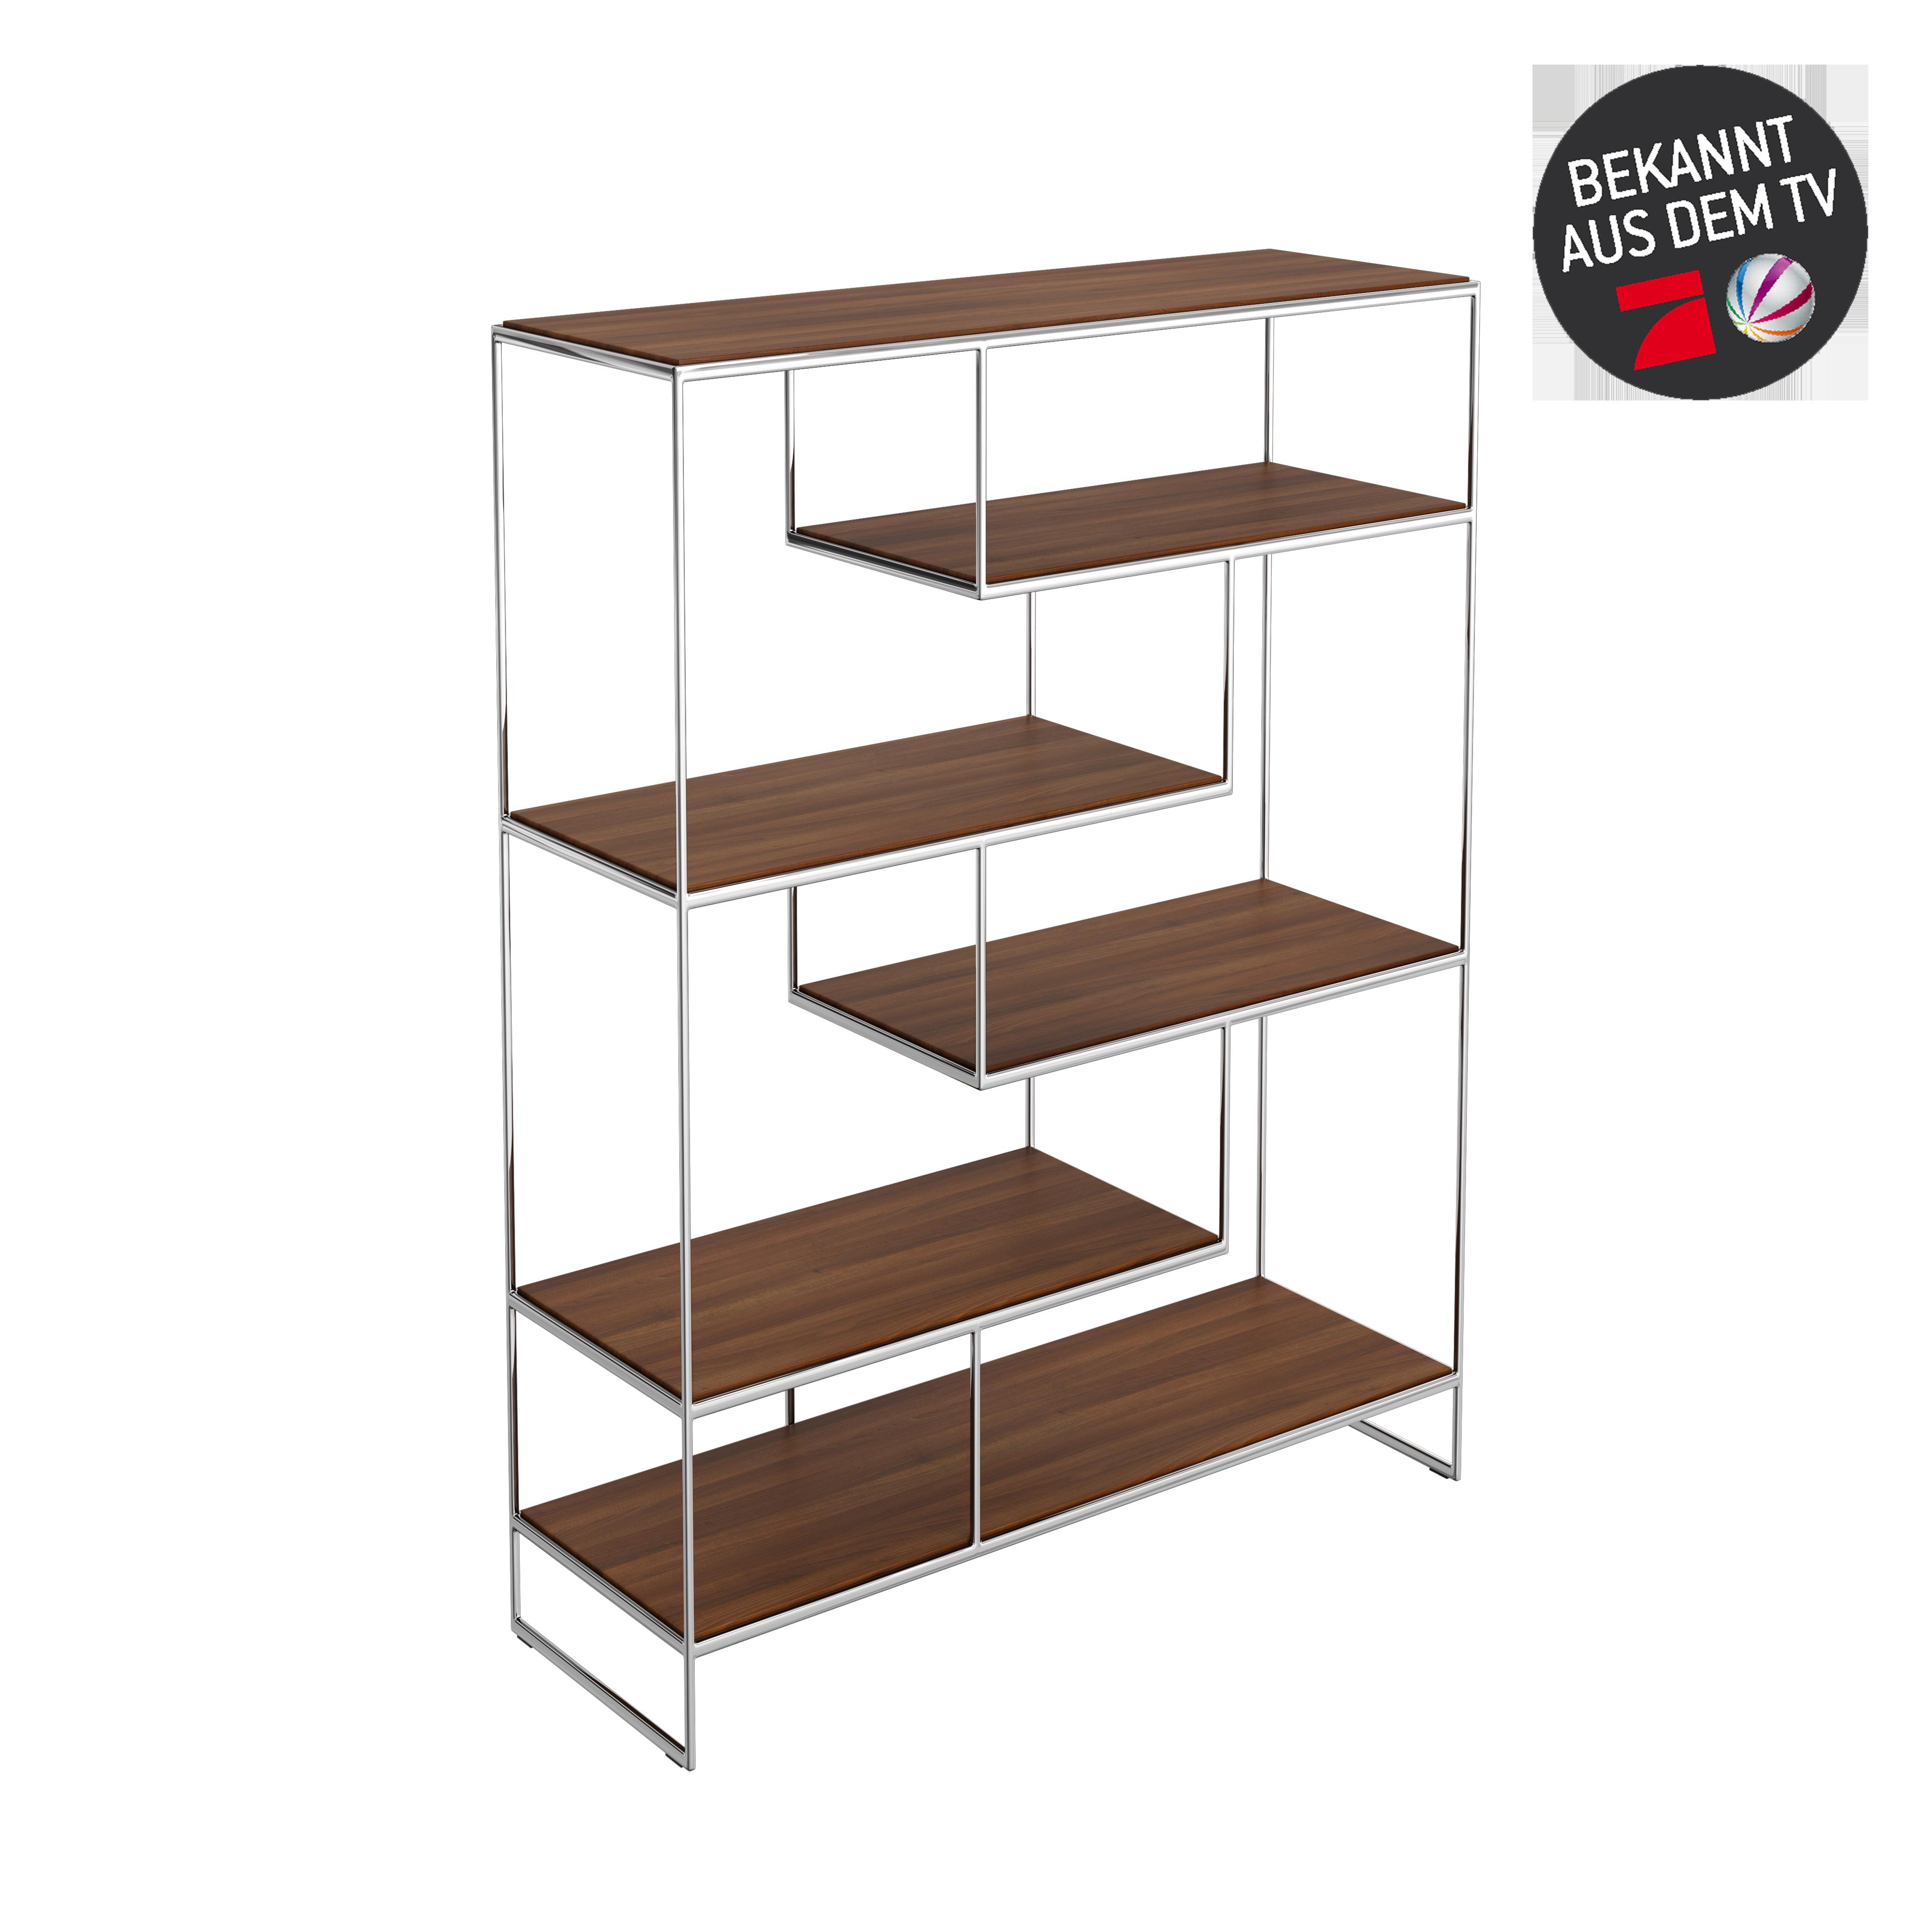 toscana raumteiler toscana regale shop gallery m. Black Bedroom Furniture Sets. Home Design Ideas